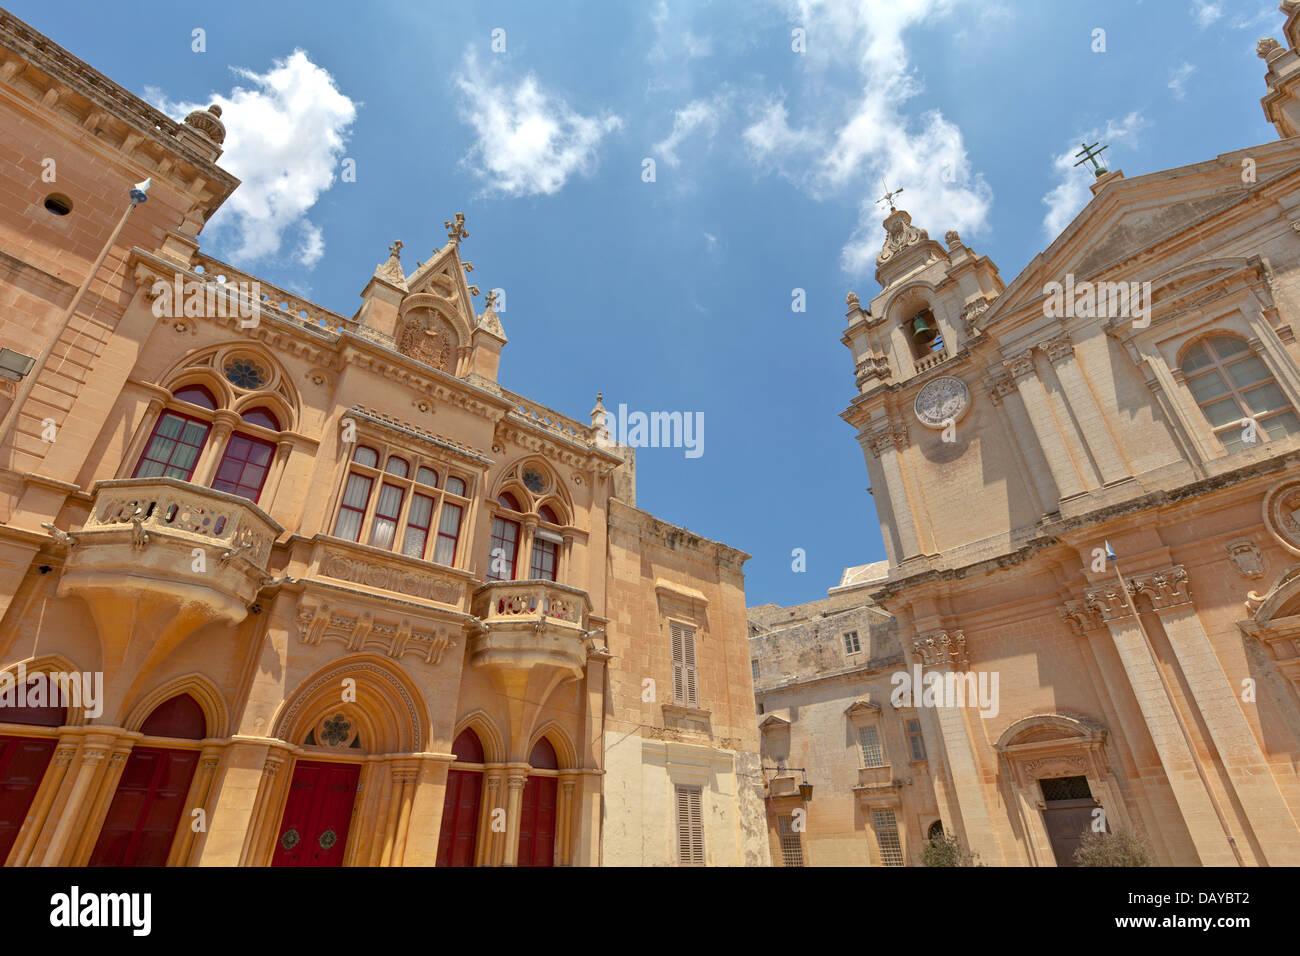 Architettura presso l'elegante città fortificata di Mdina (la città di silenzio), Malta. Immagini Stock